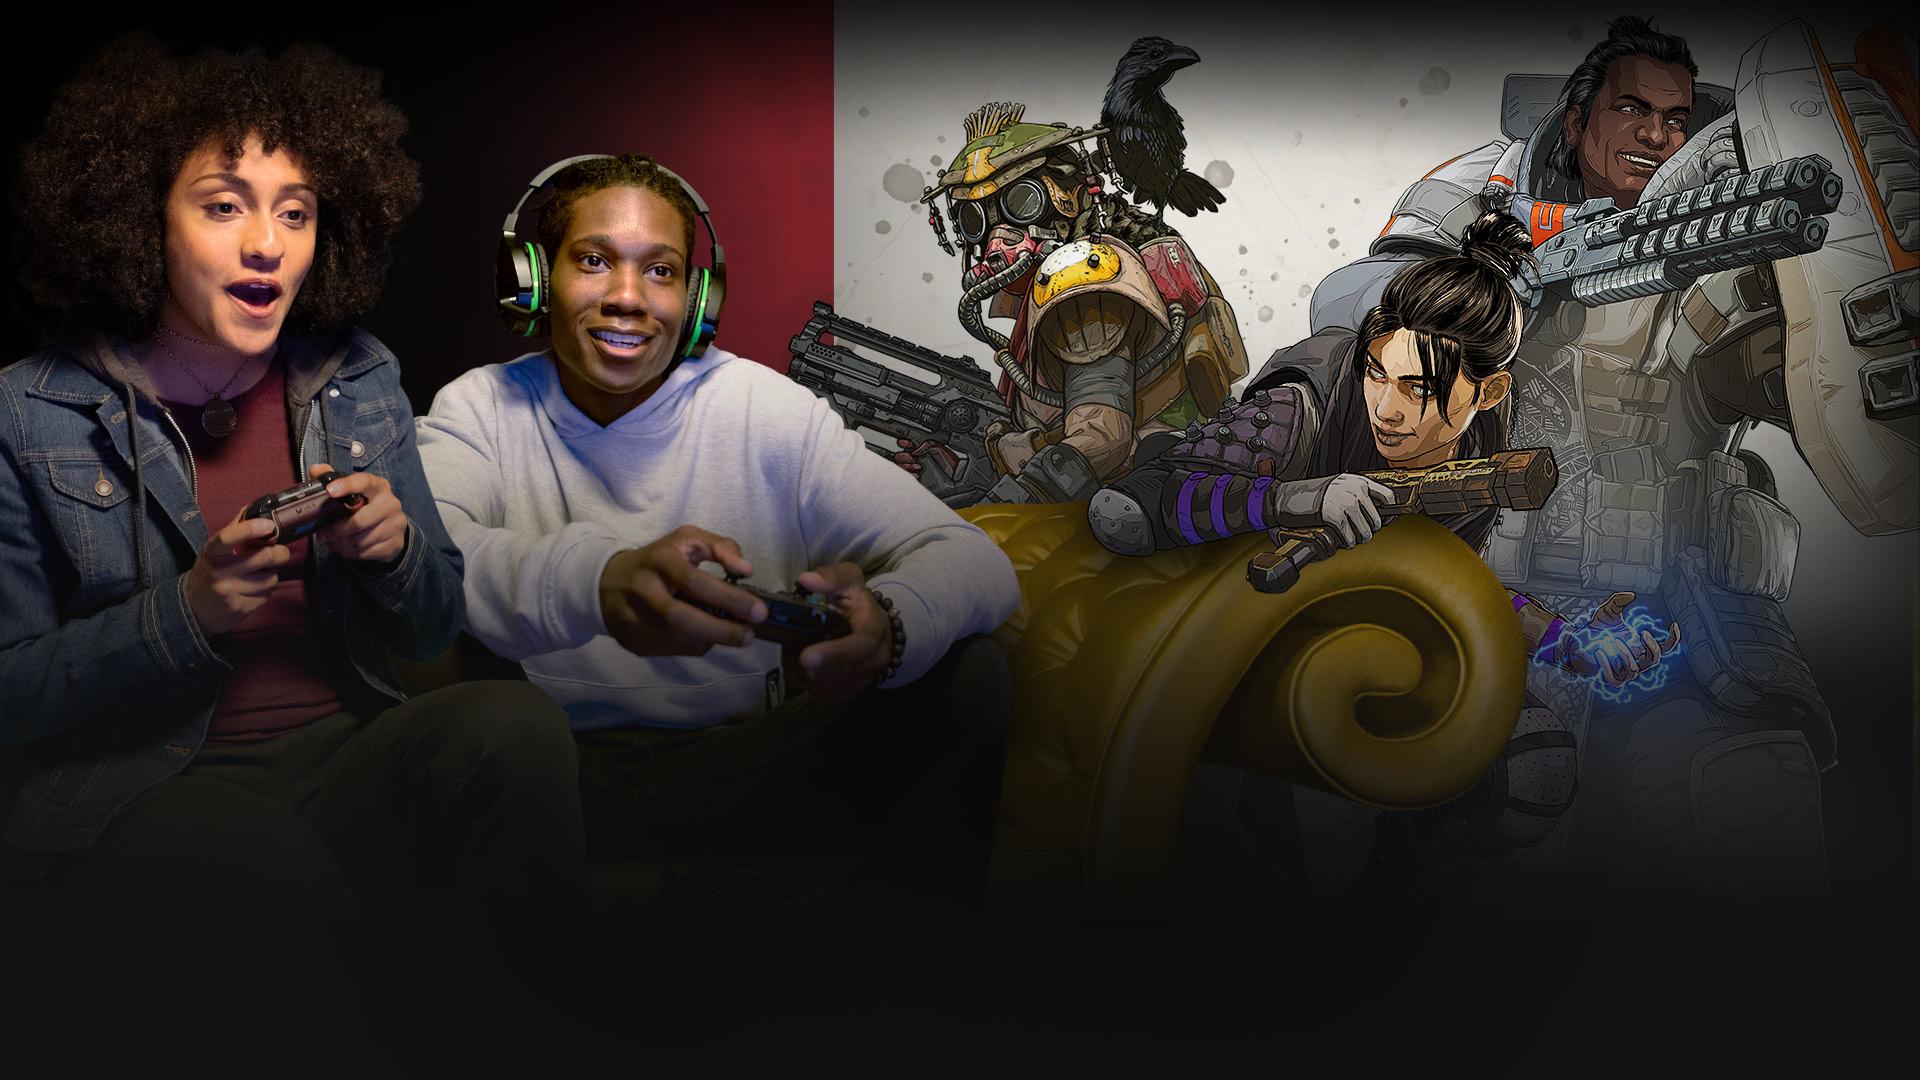 To personer, der holder Xbox One-controllere på en guldsofa med tre Apex Legends-karakterer ved dens armlæn